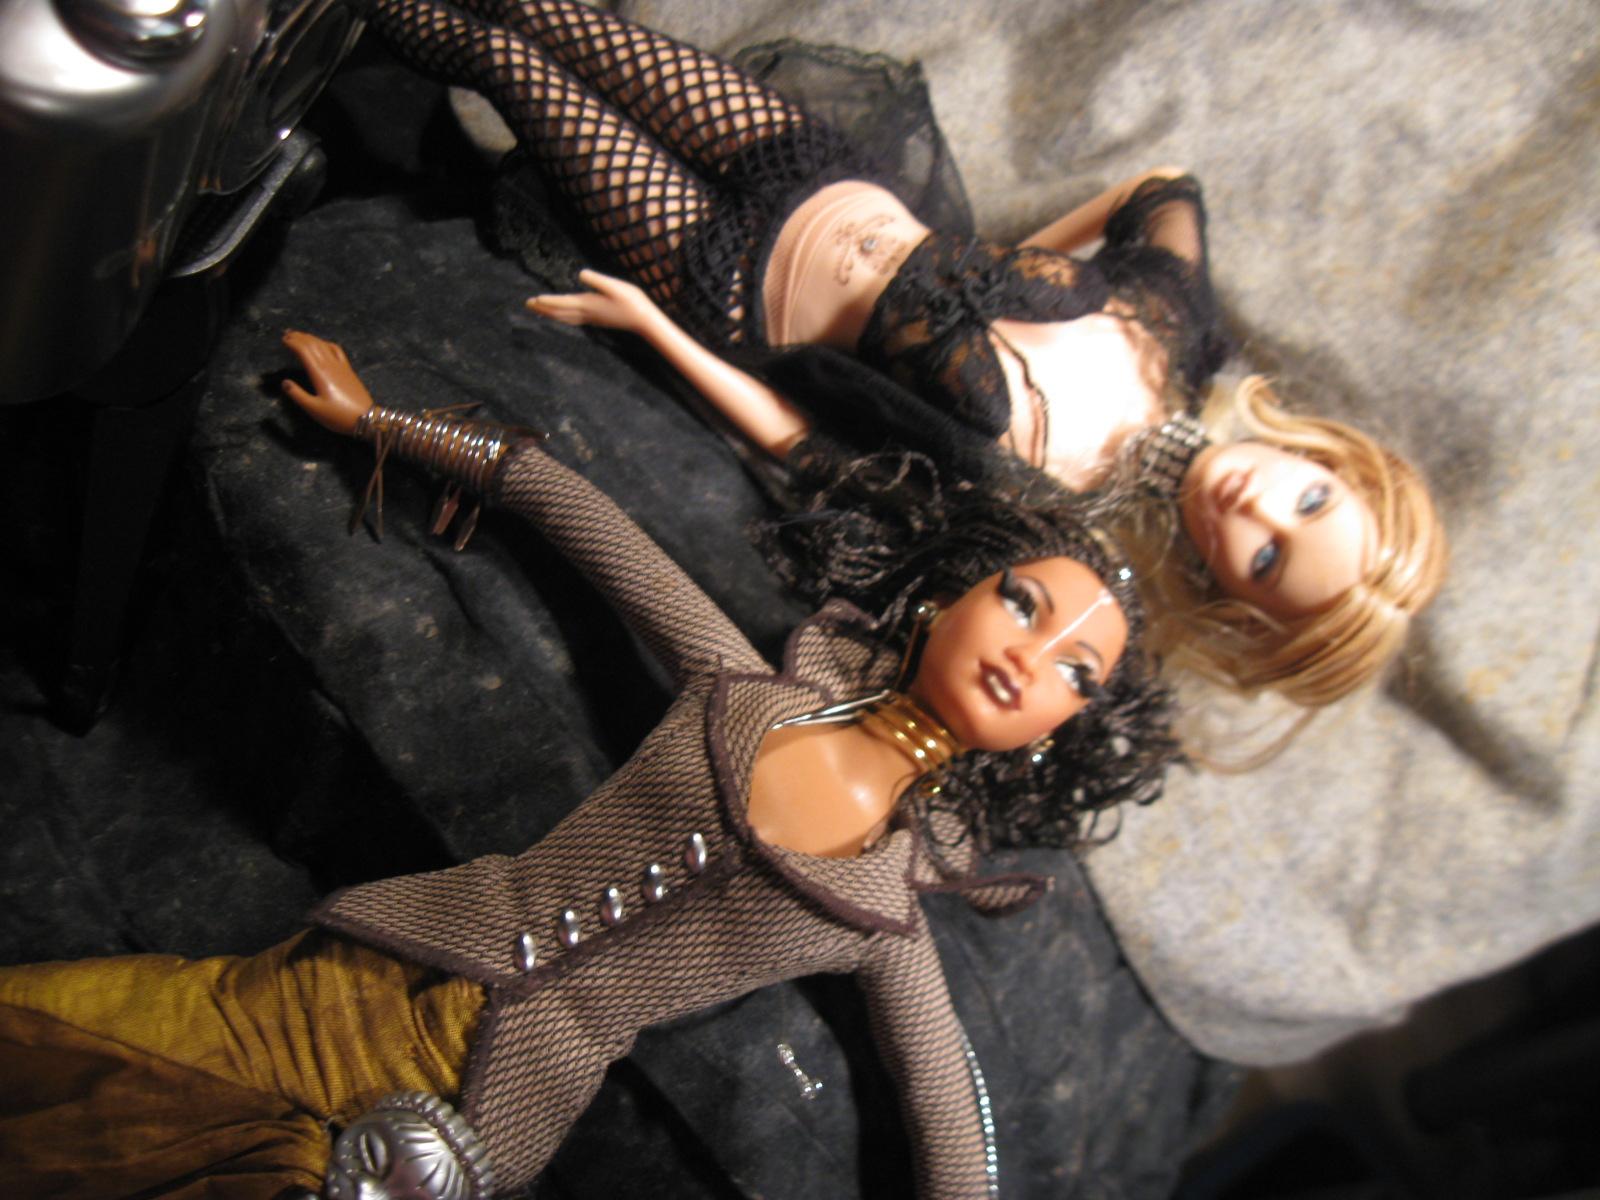 Фото bella moretti, Bella Moretti » Фапабельные голые девушки 12 фотография